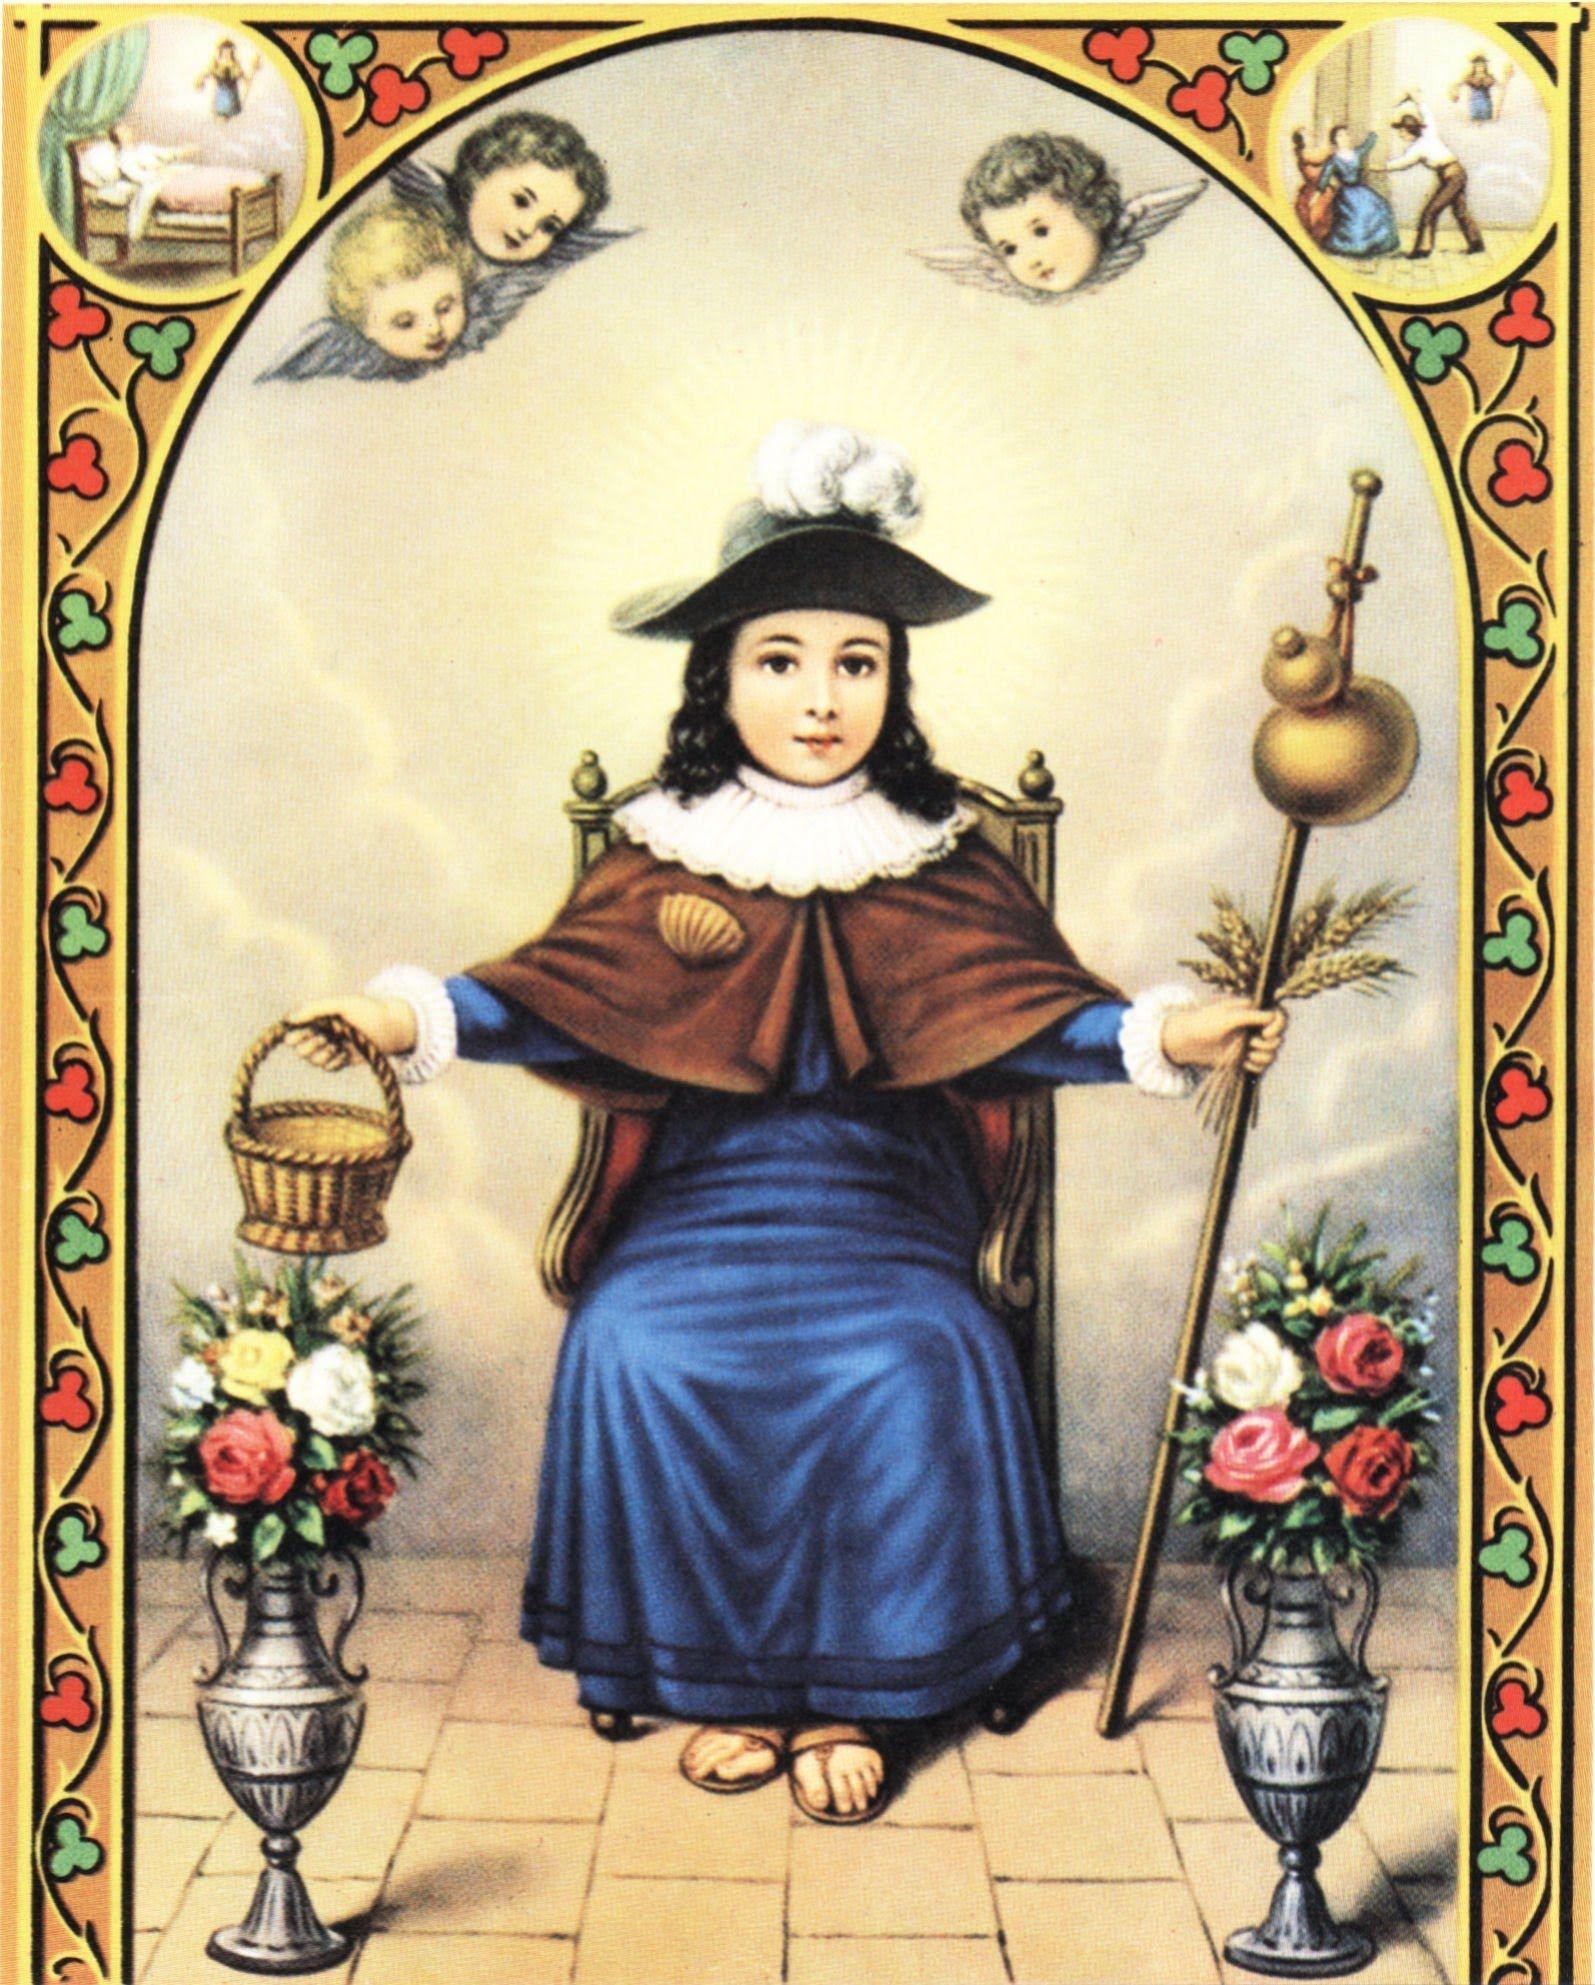 Santo Niño De Atocha Tribe Net Santo Niño De Atocha Divino Niño De Atocha Oraciones A Los Santos